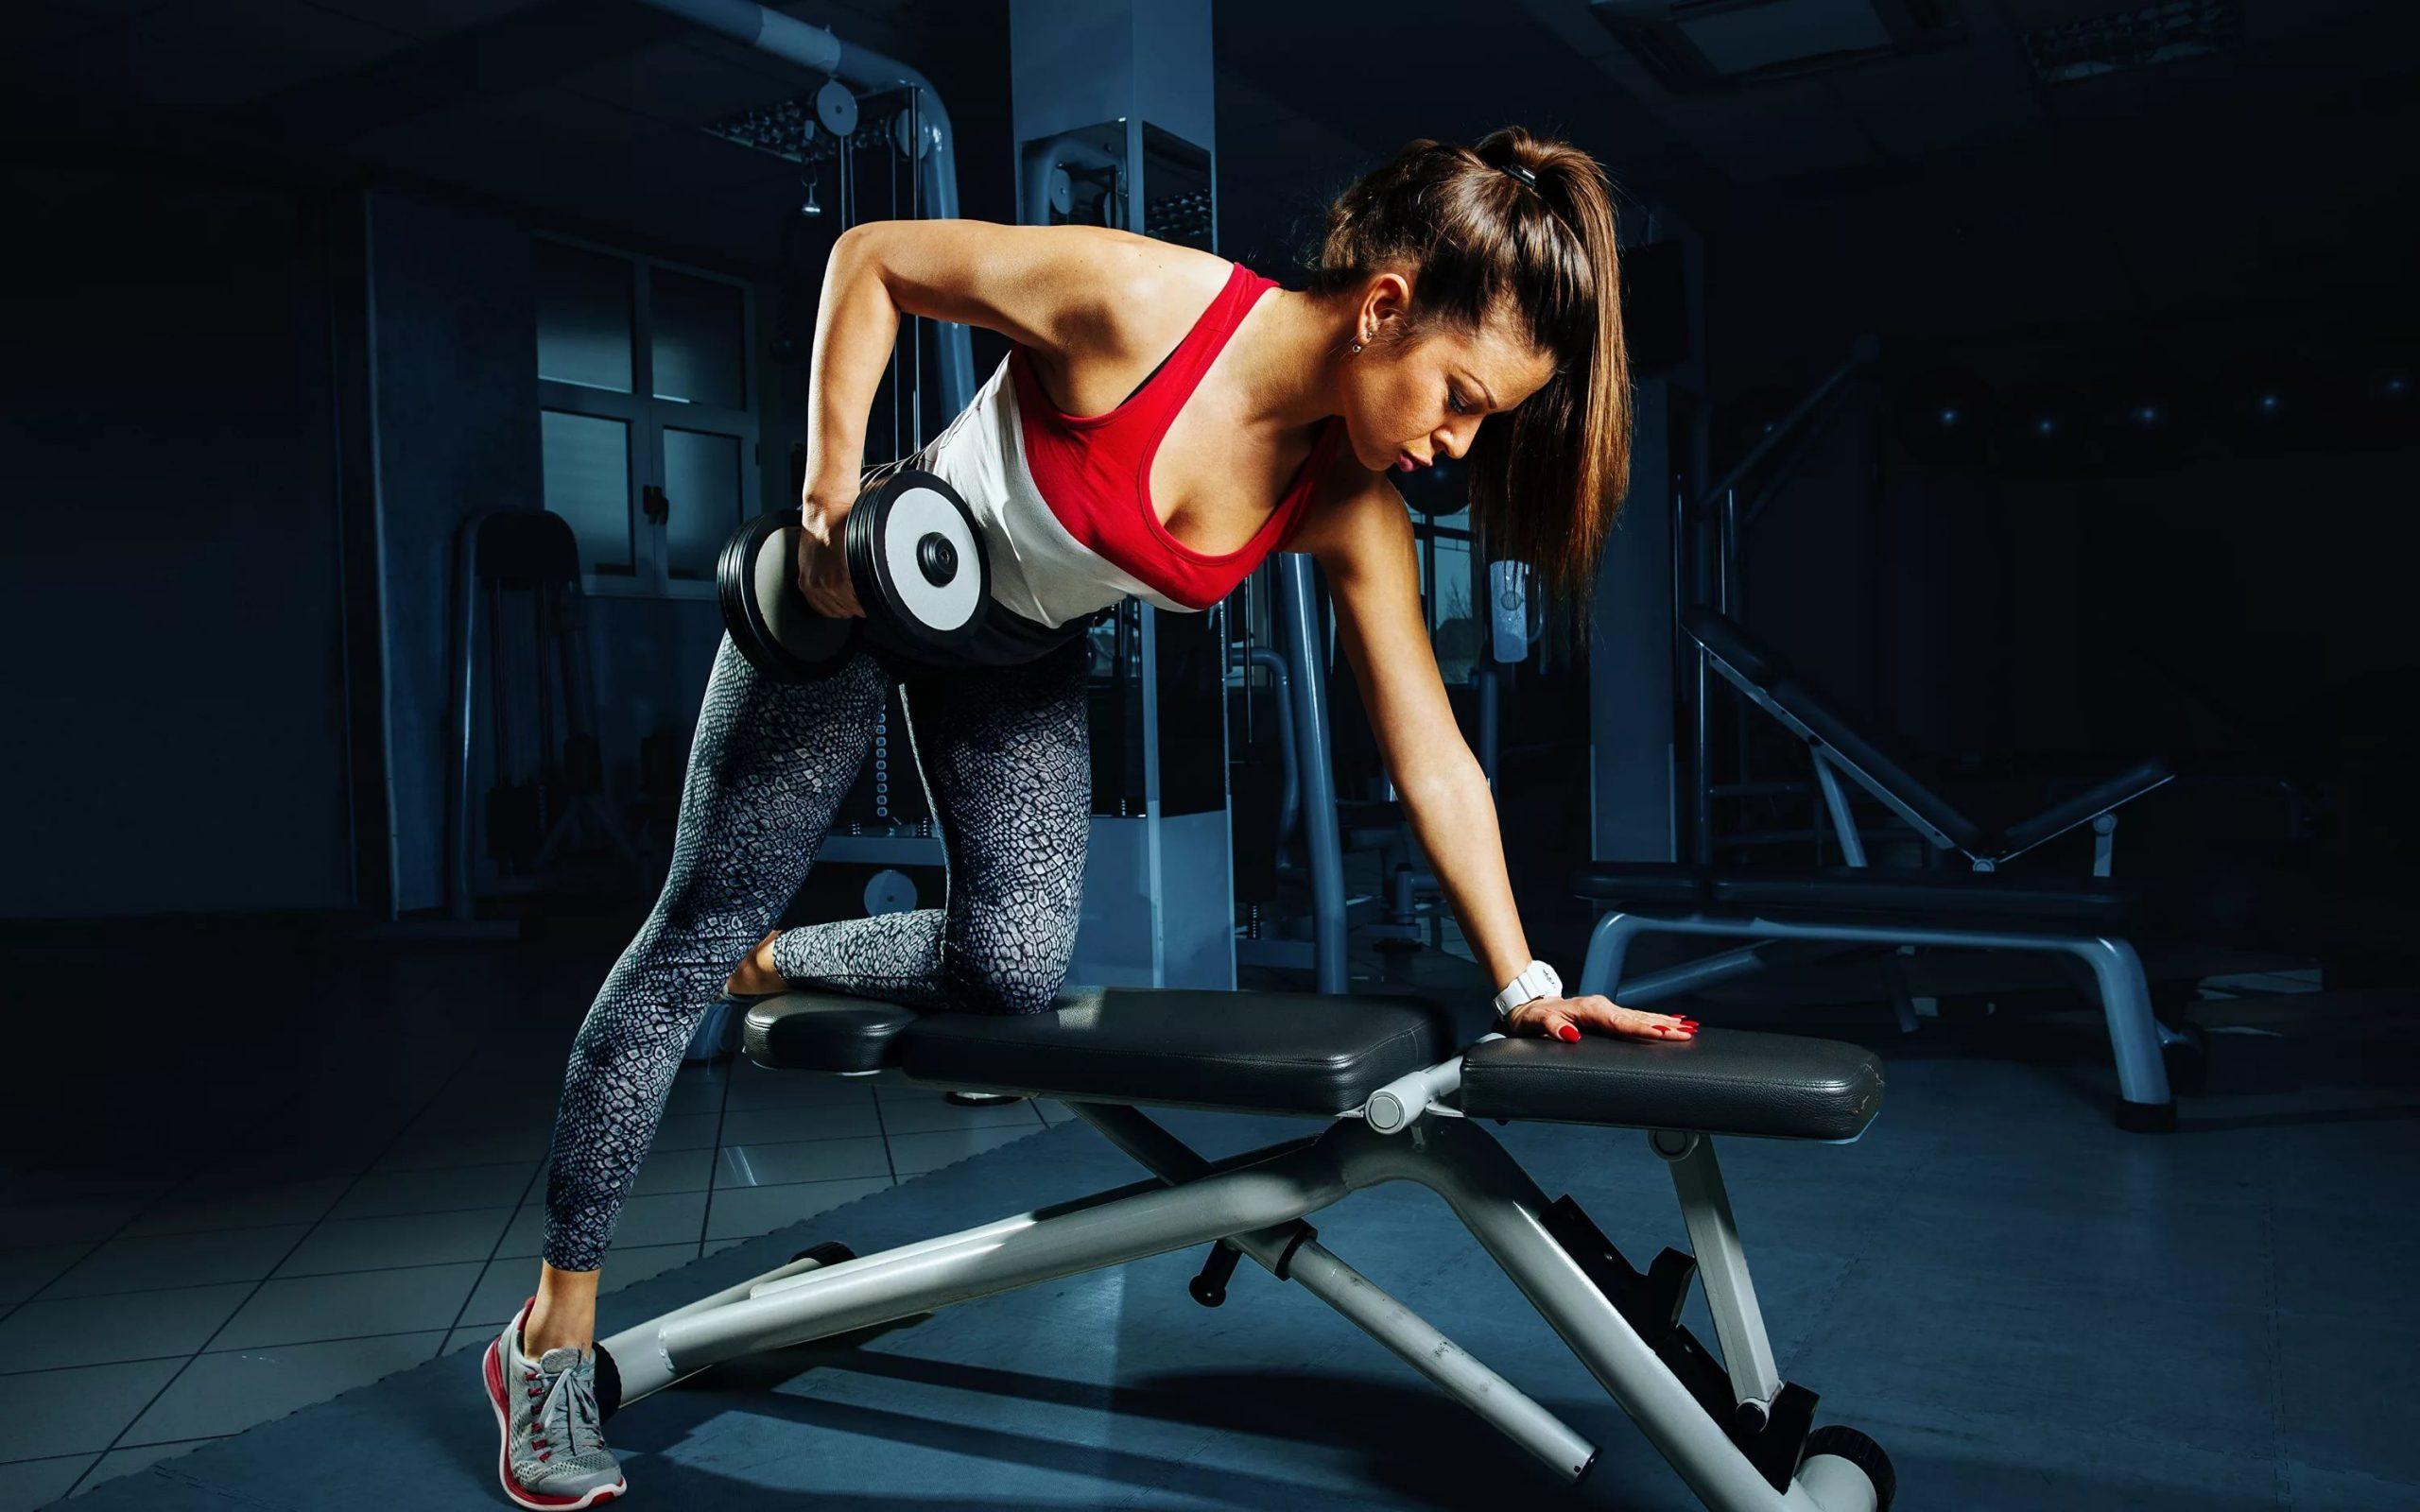 Il miglior programma di allenamento per aumentare la massa muscolare e la forza – Episodio 297